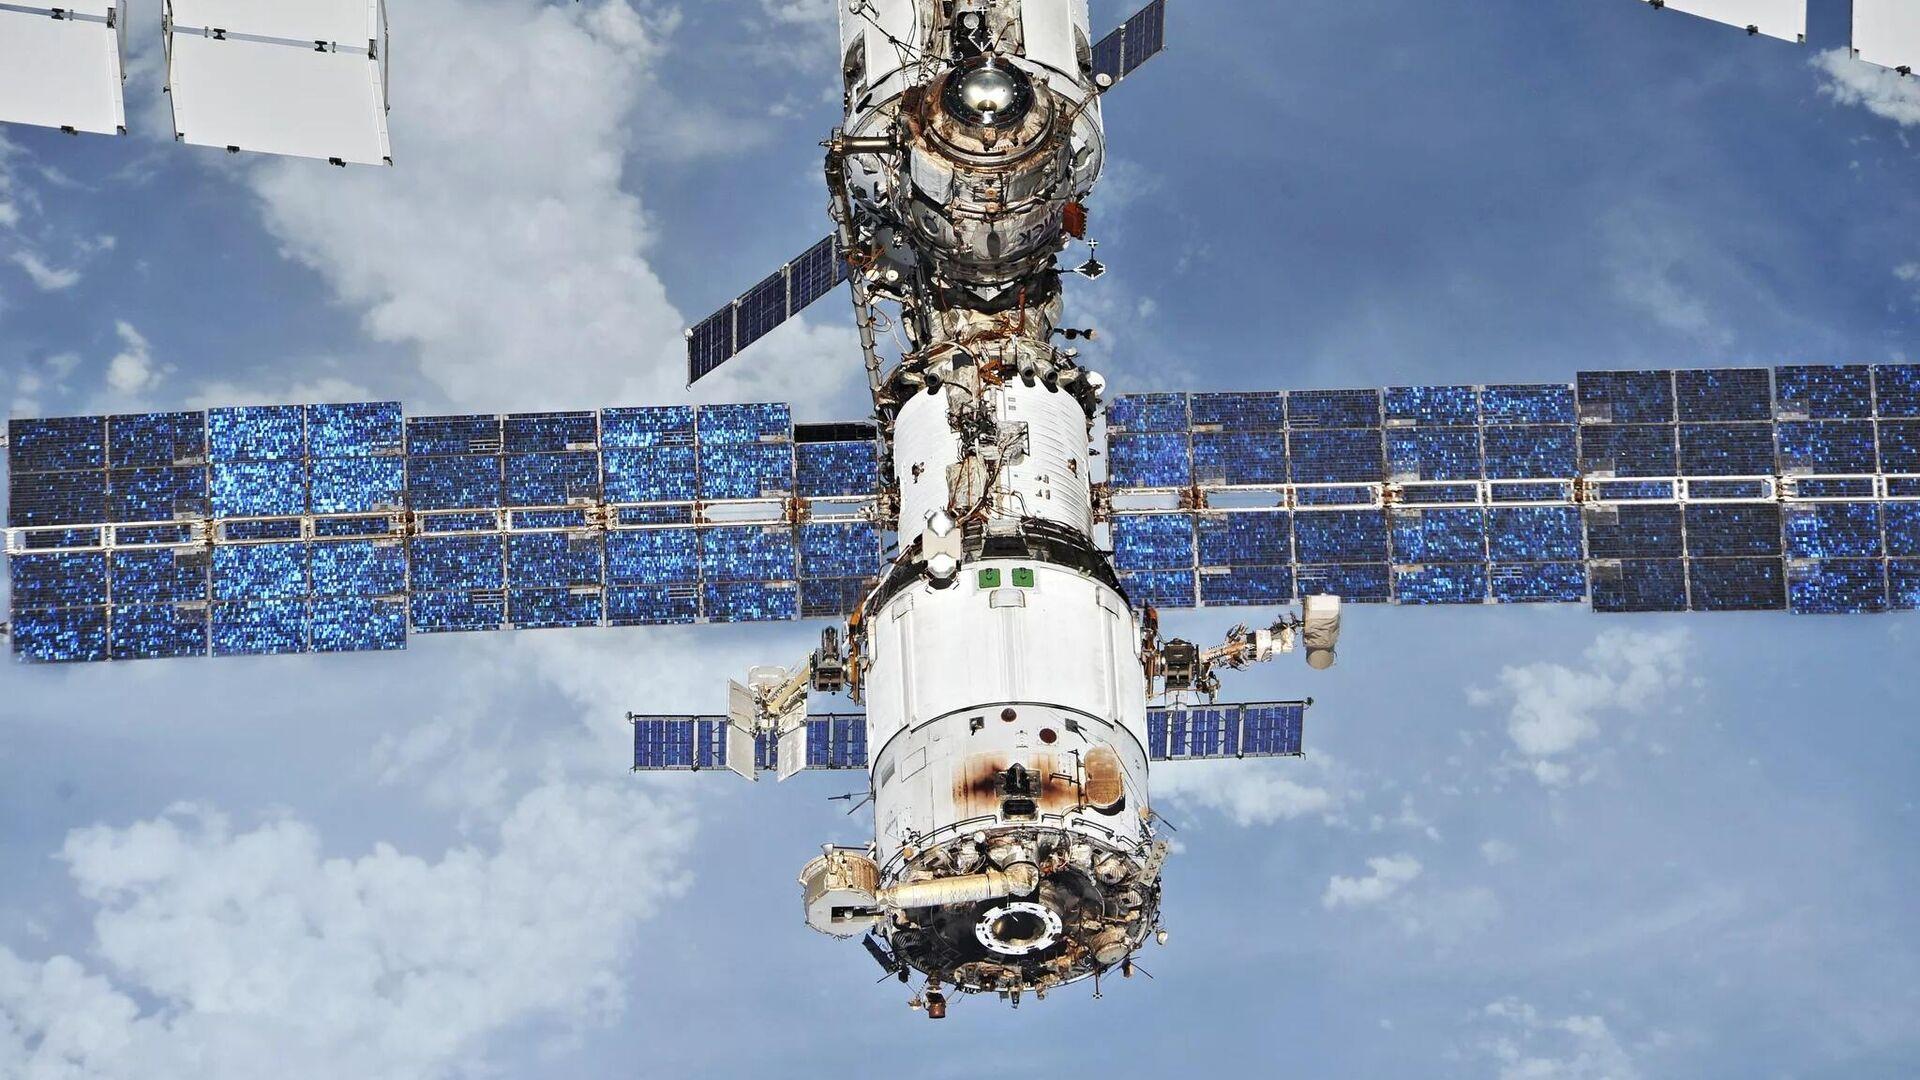 Космонавт смог поймать крышку, улетевшую во время выхода с борта МКС